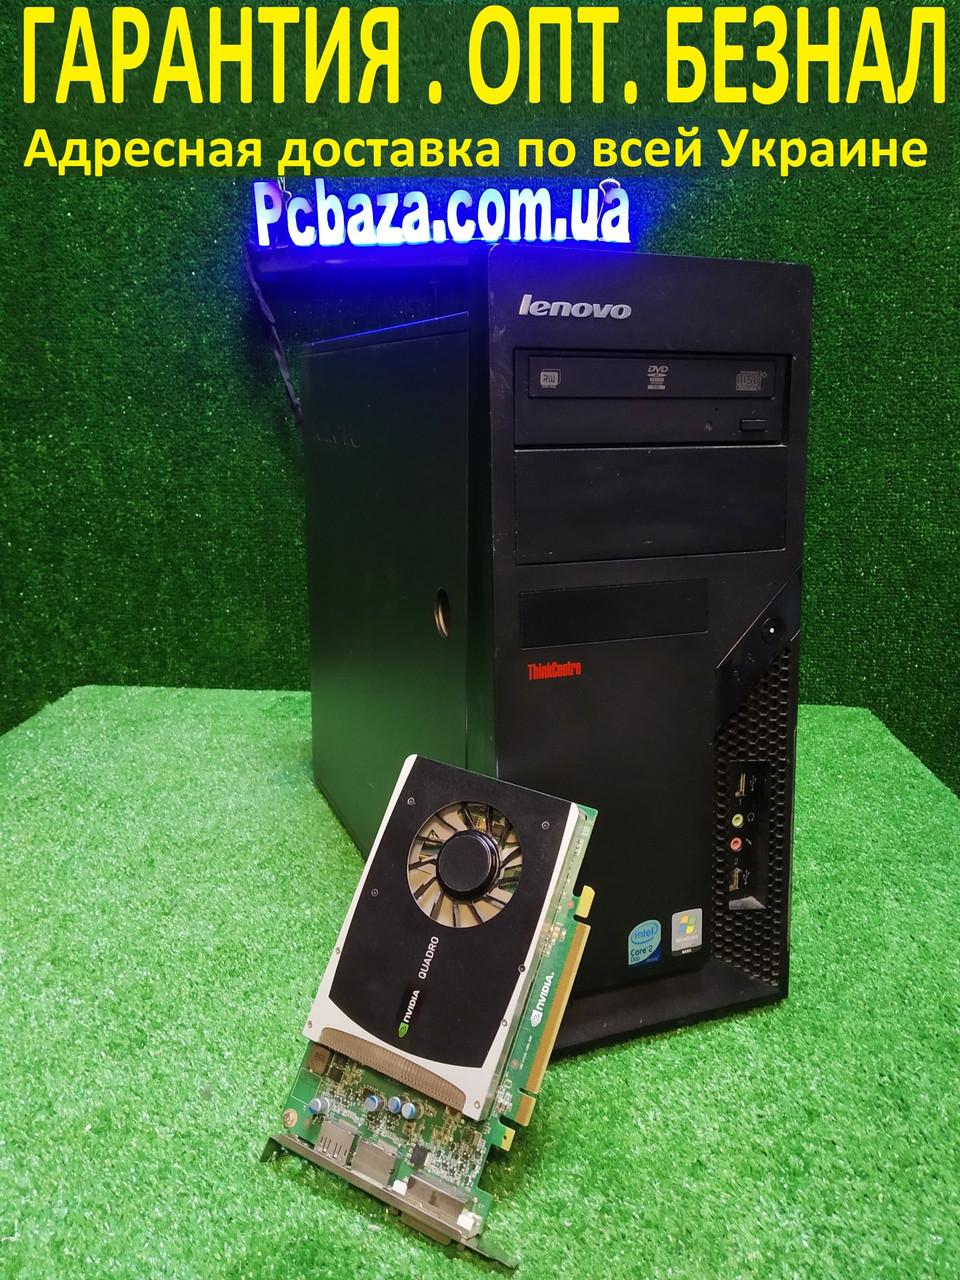 Игровой Компьютер Lenovo a55 Intel 4 ядра, 4GB ОЗУ, 320GB HDD, Quadro 2000 1 GB, Настроен и готов к работе!